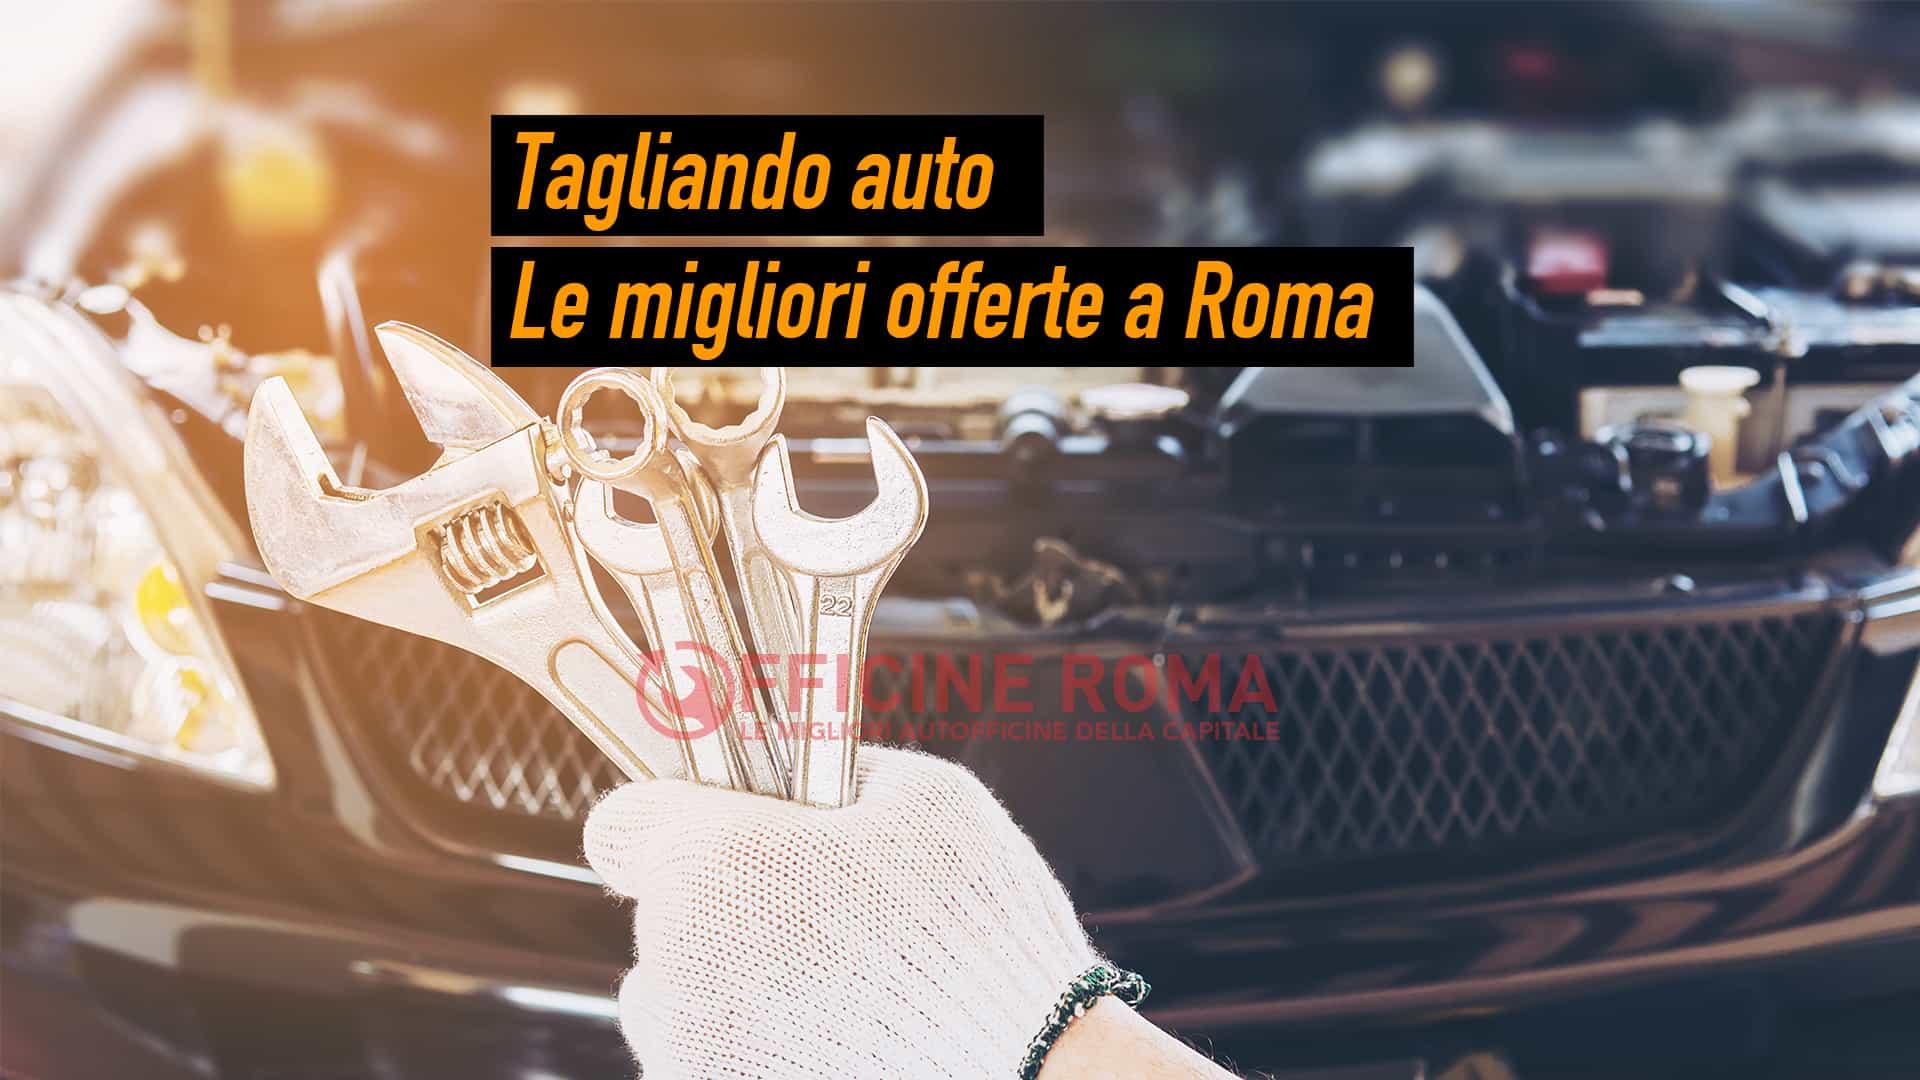 offerte tagliando auto a roma